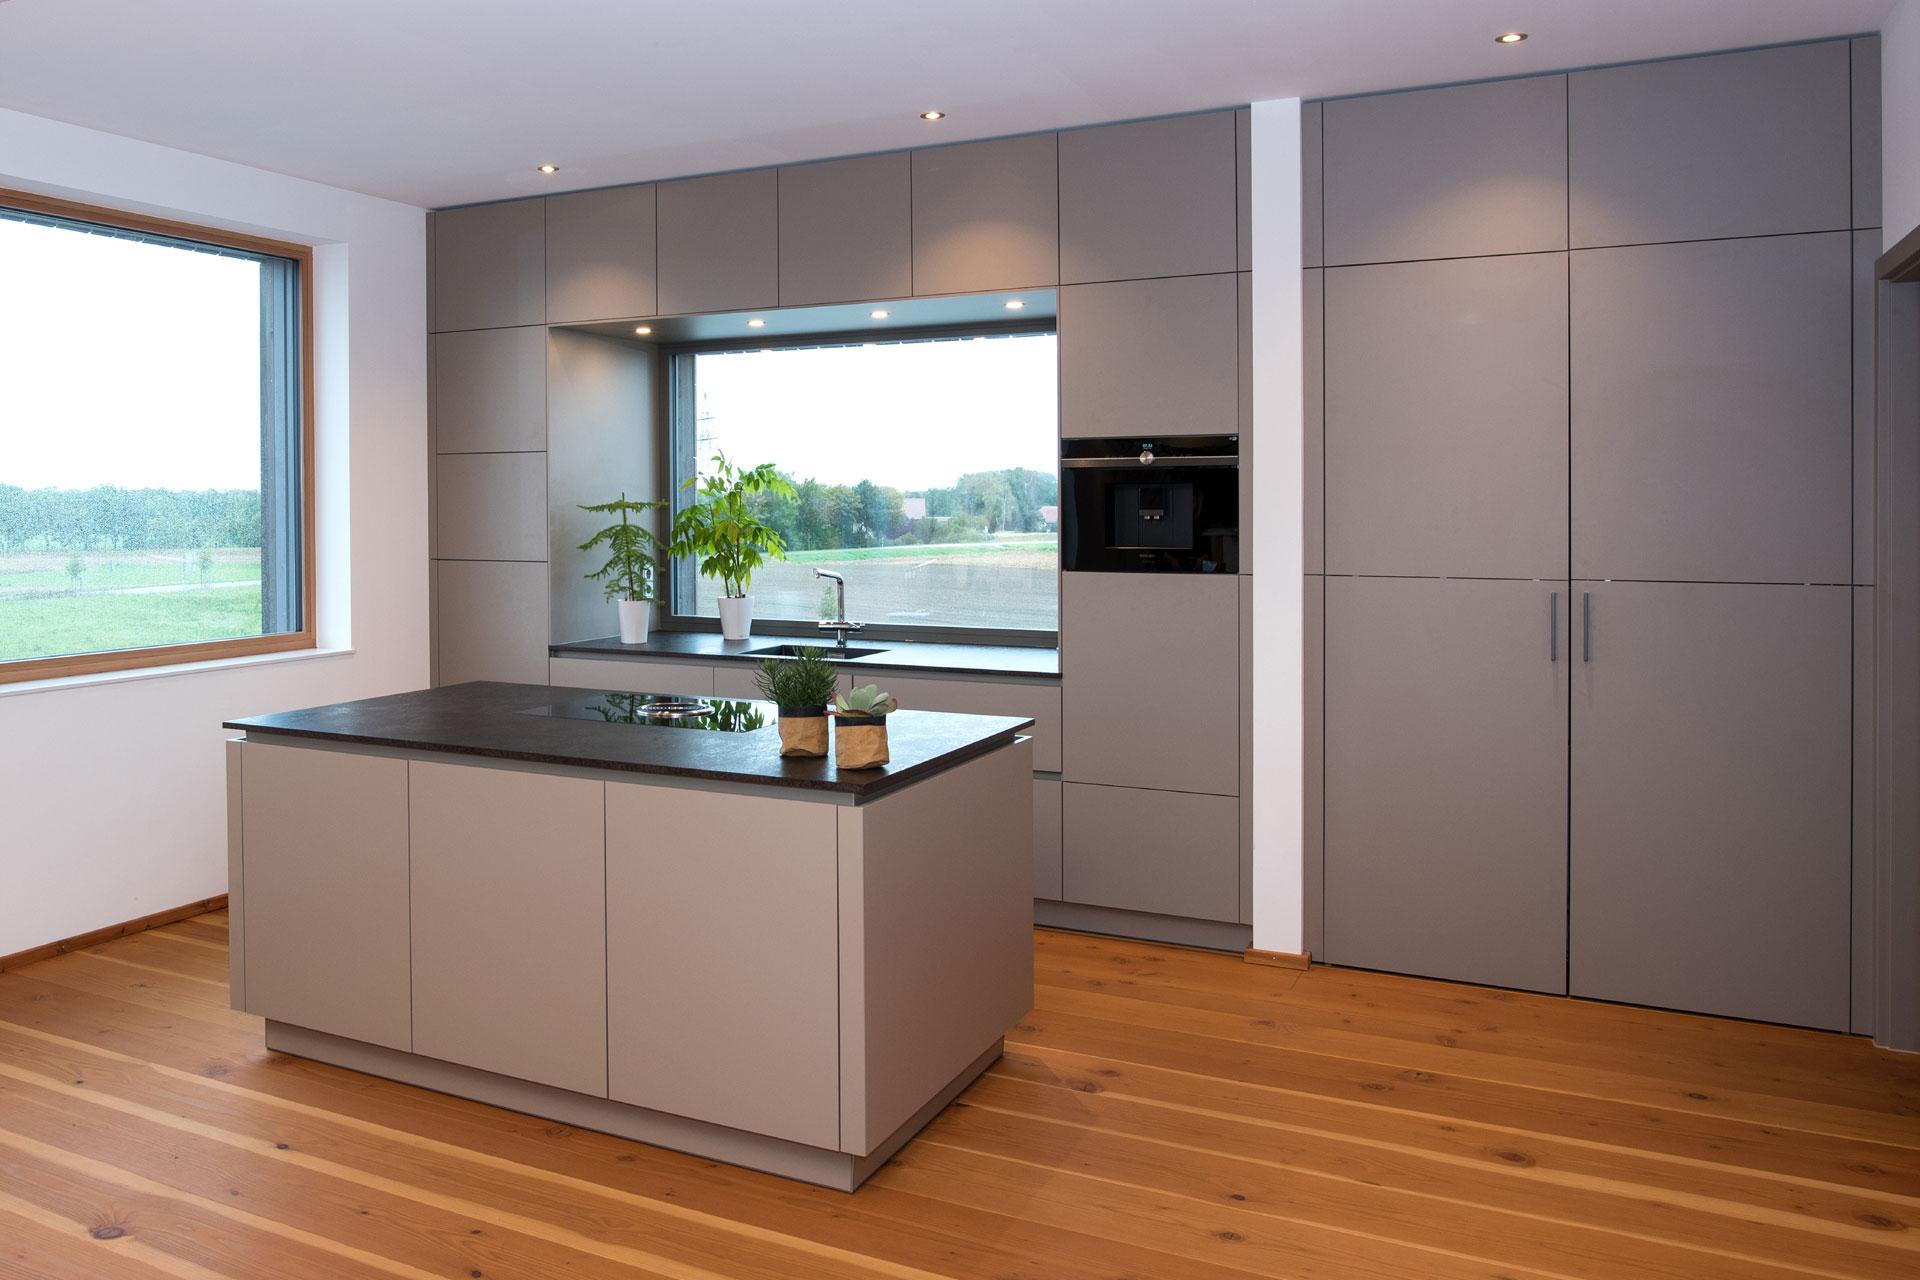 Langenpreising - Küche Küchenplaner Küchenausstellung Küchenstudio